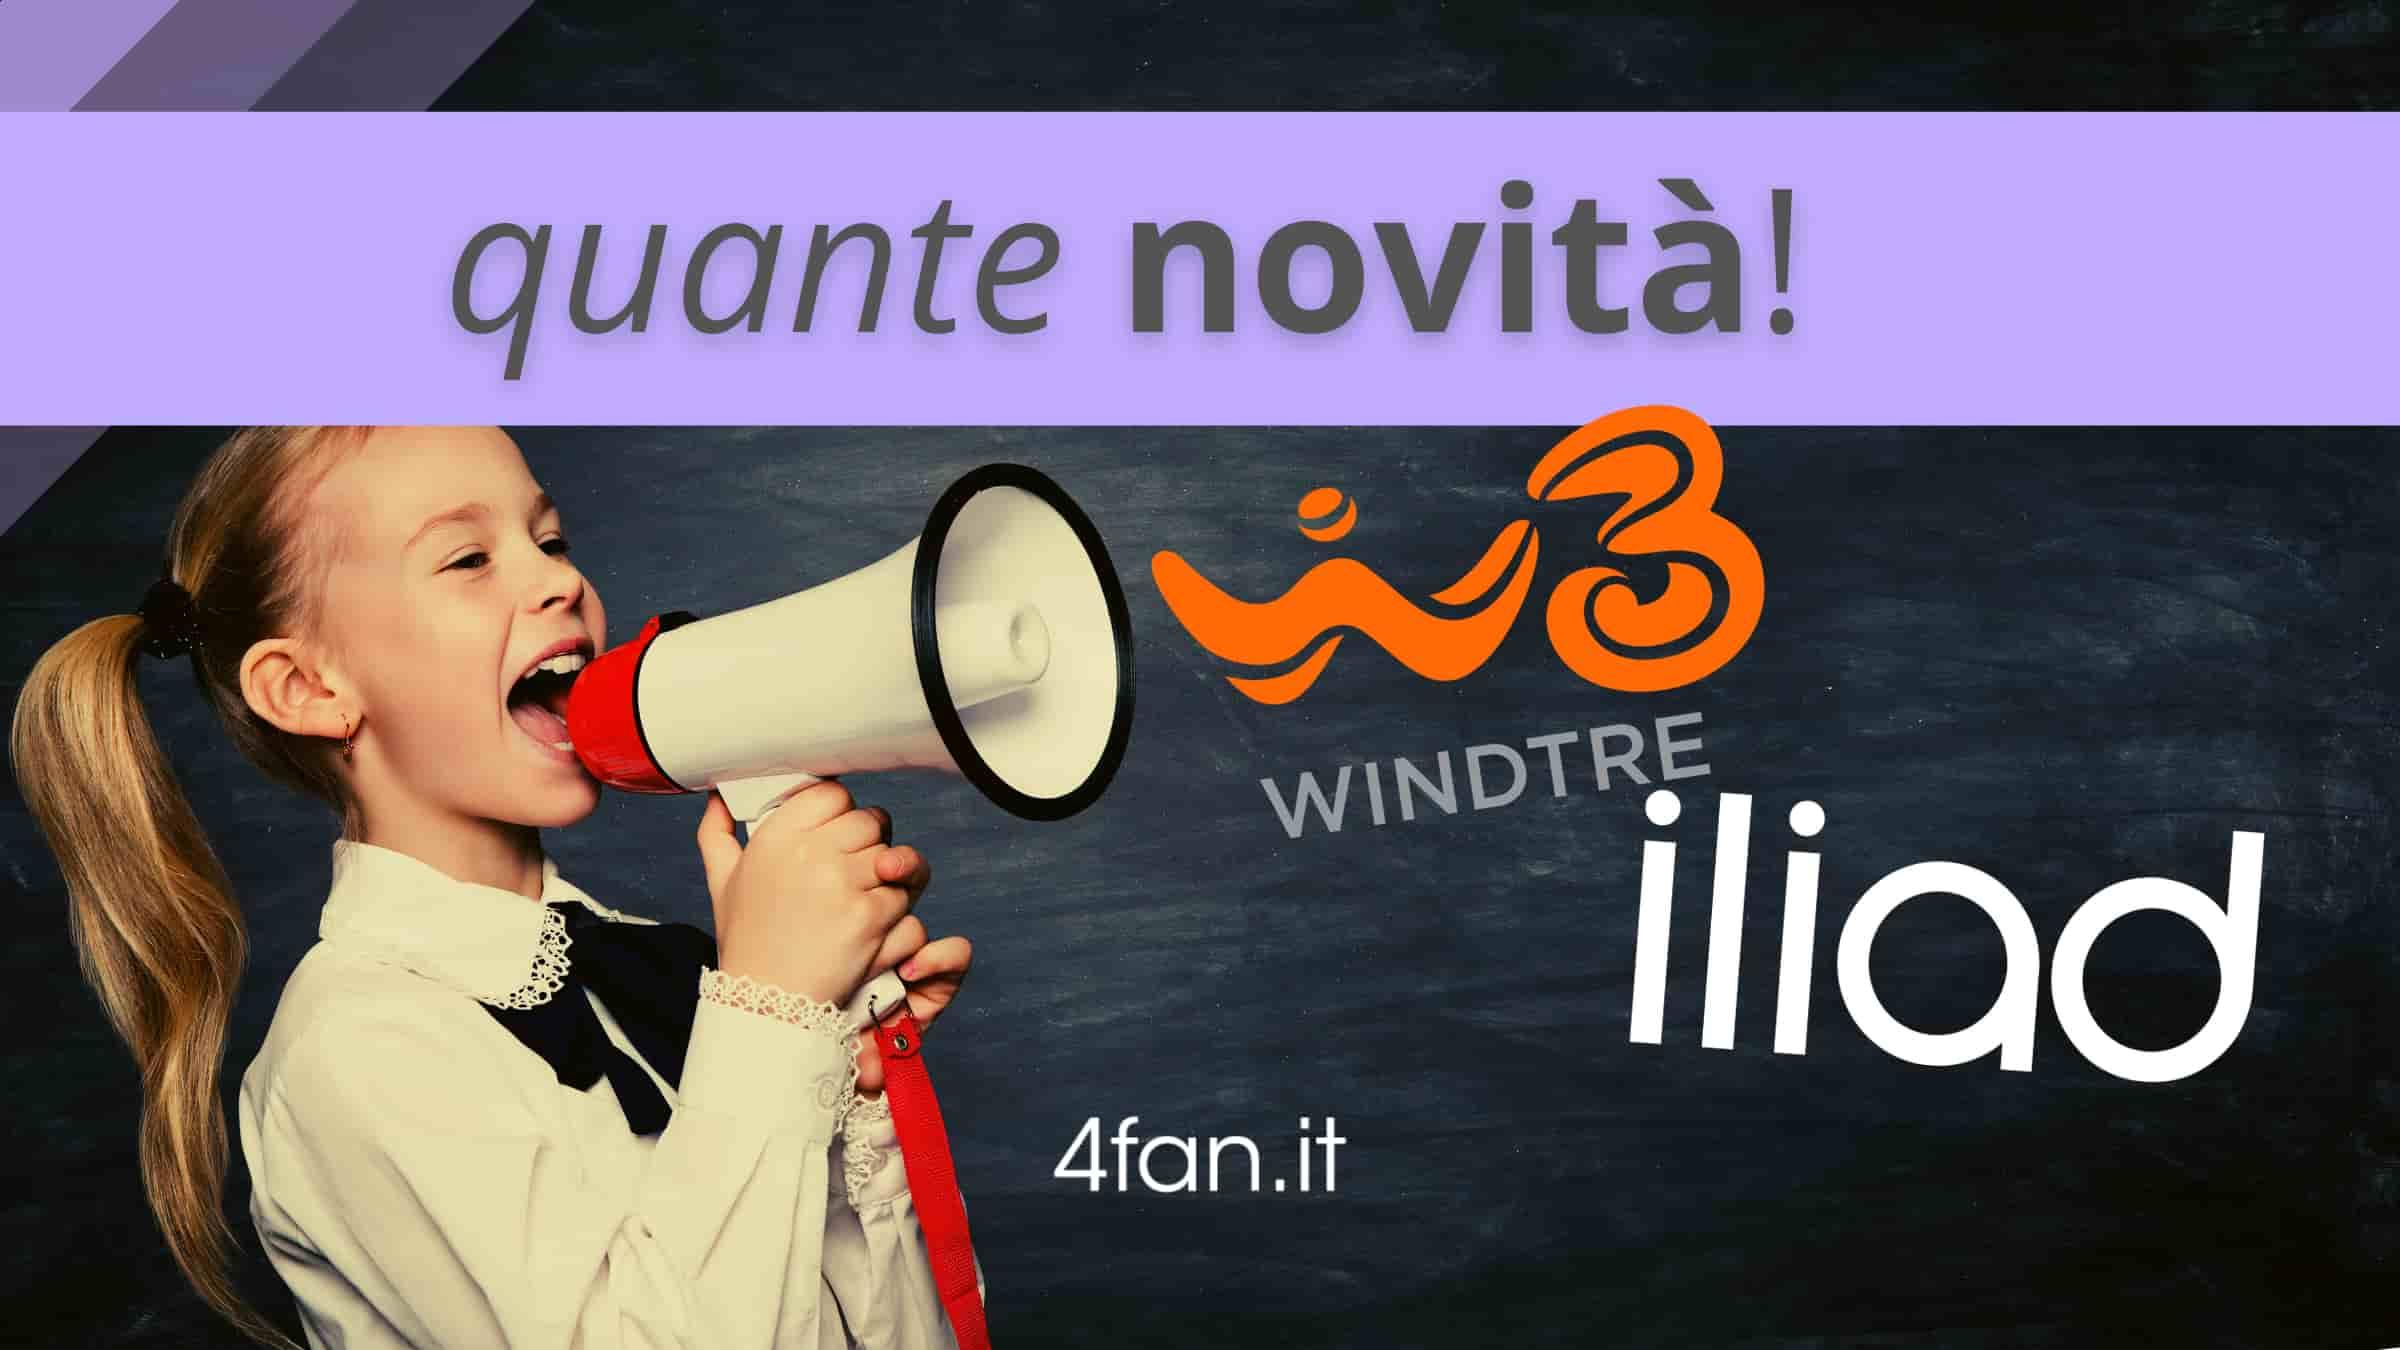 Iliad WindTre, quante novità